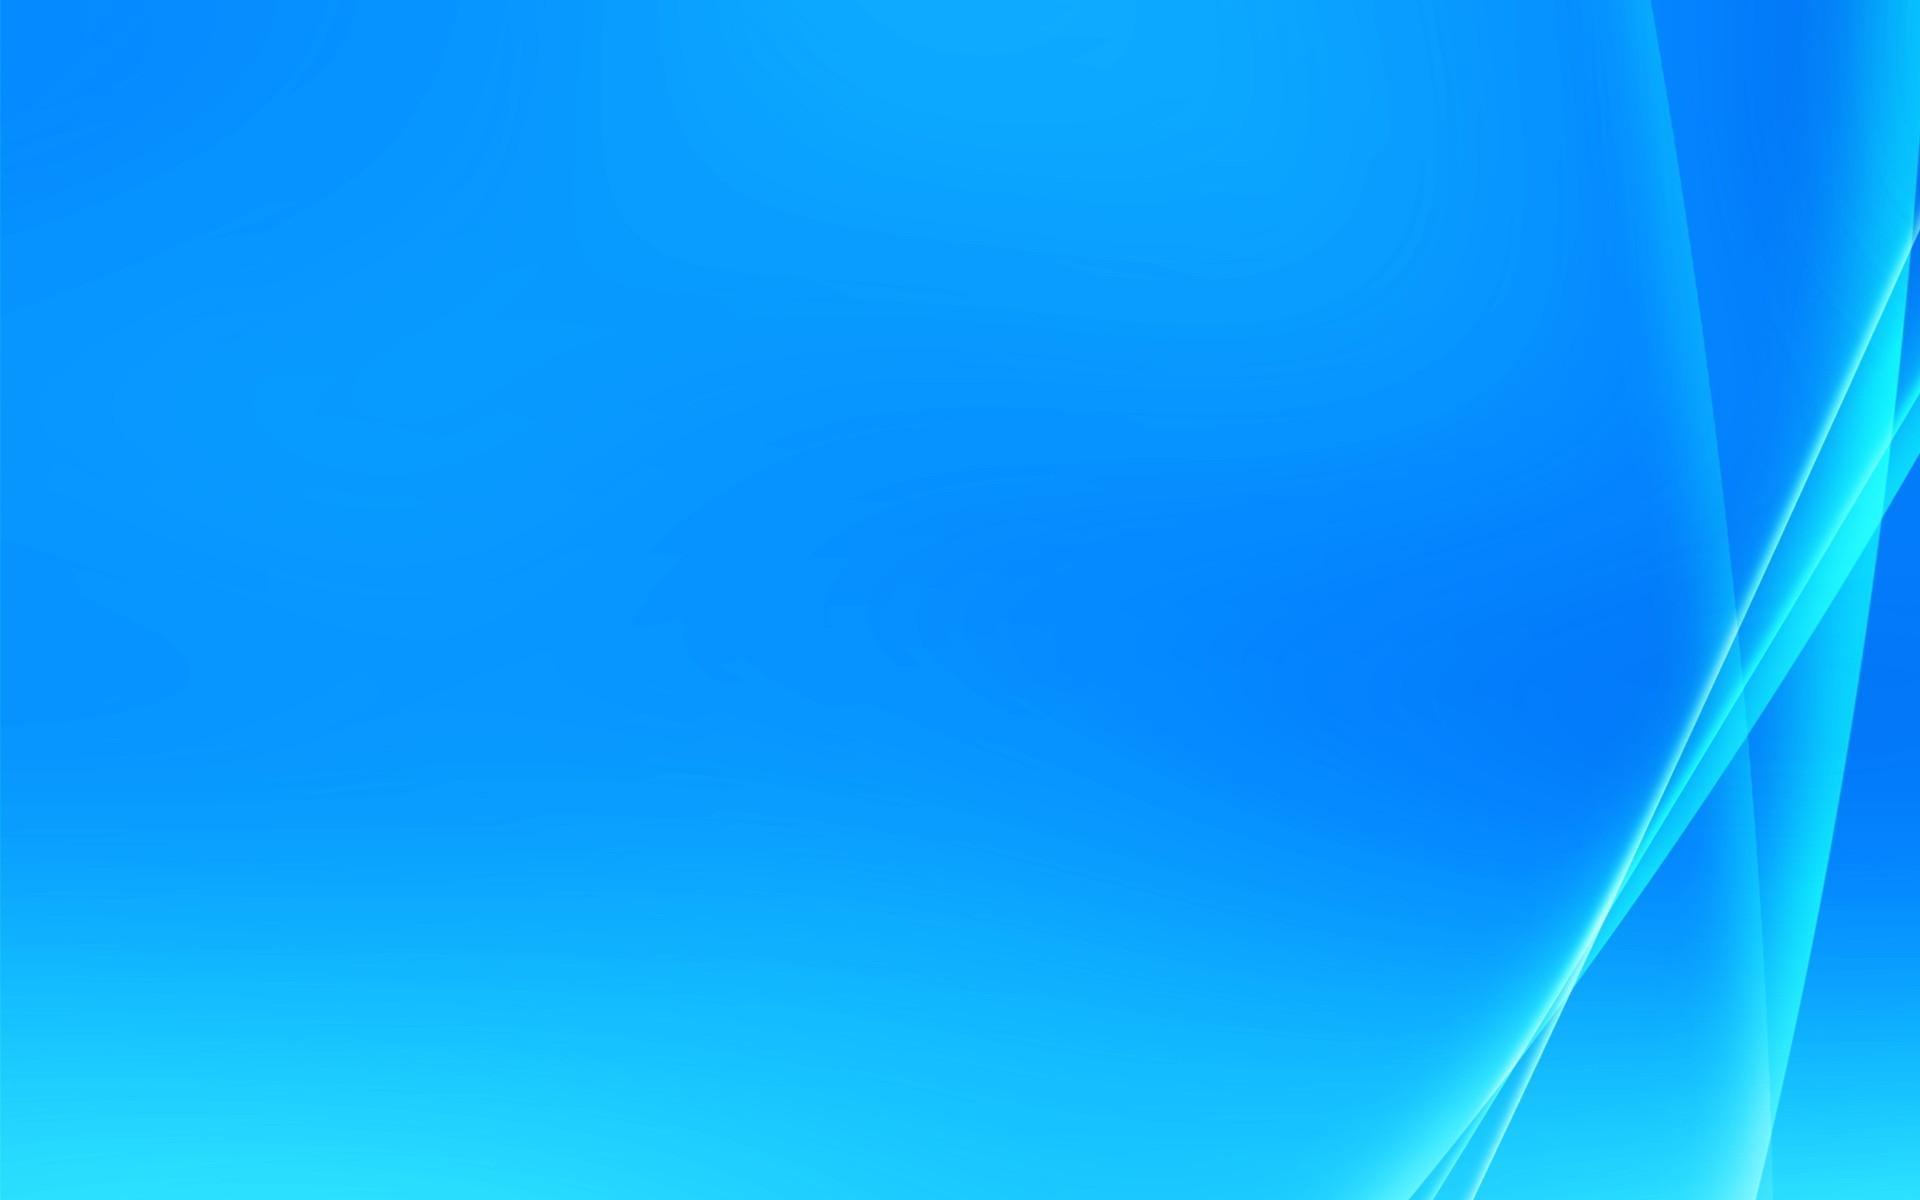 blue color wallpaper (64+ images)